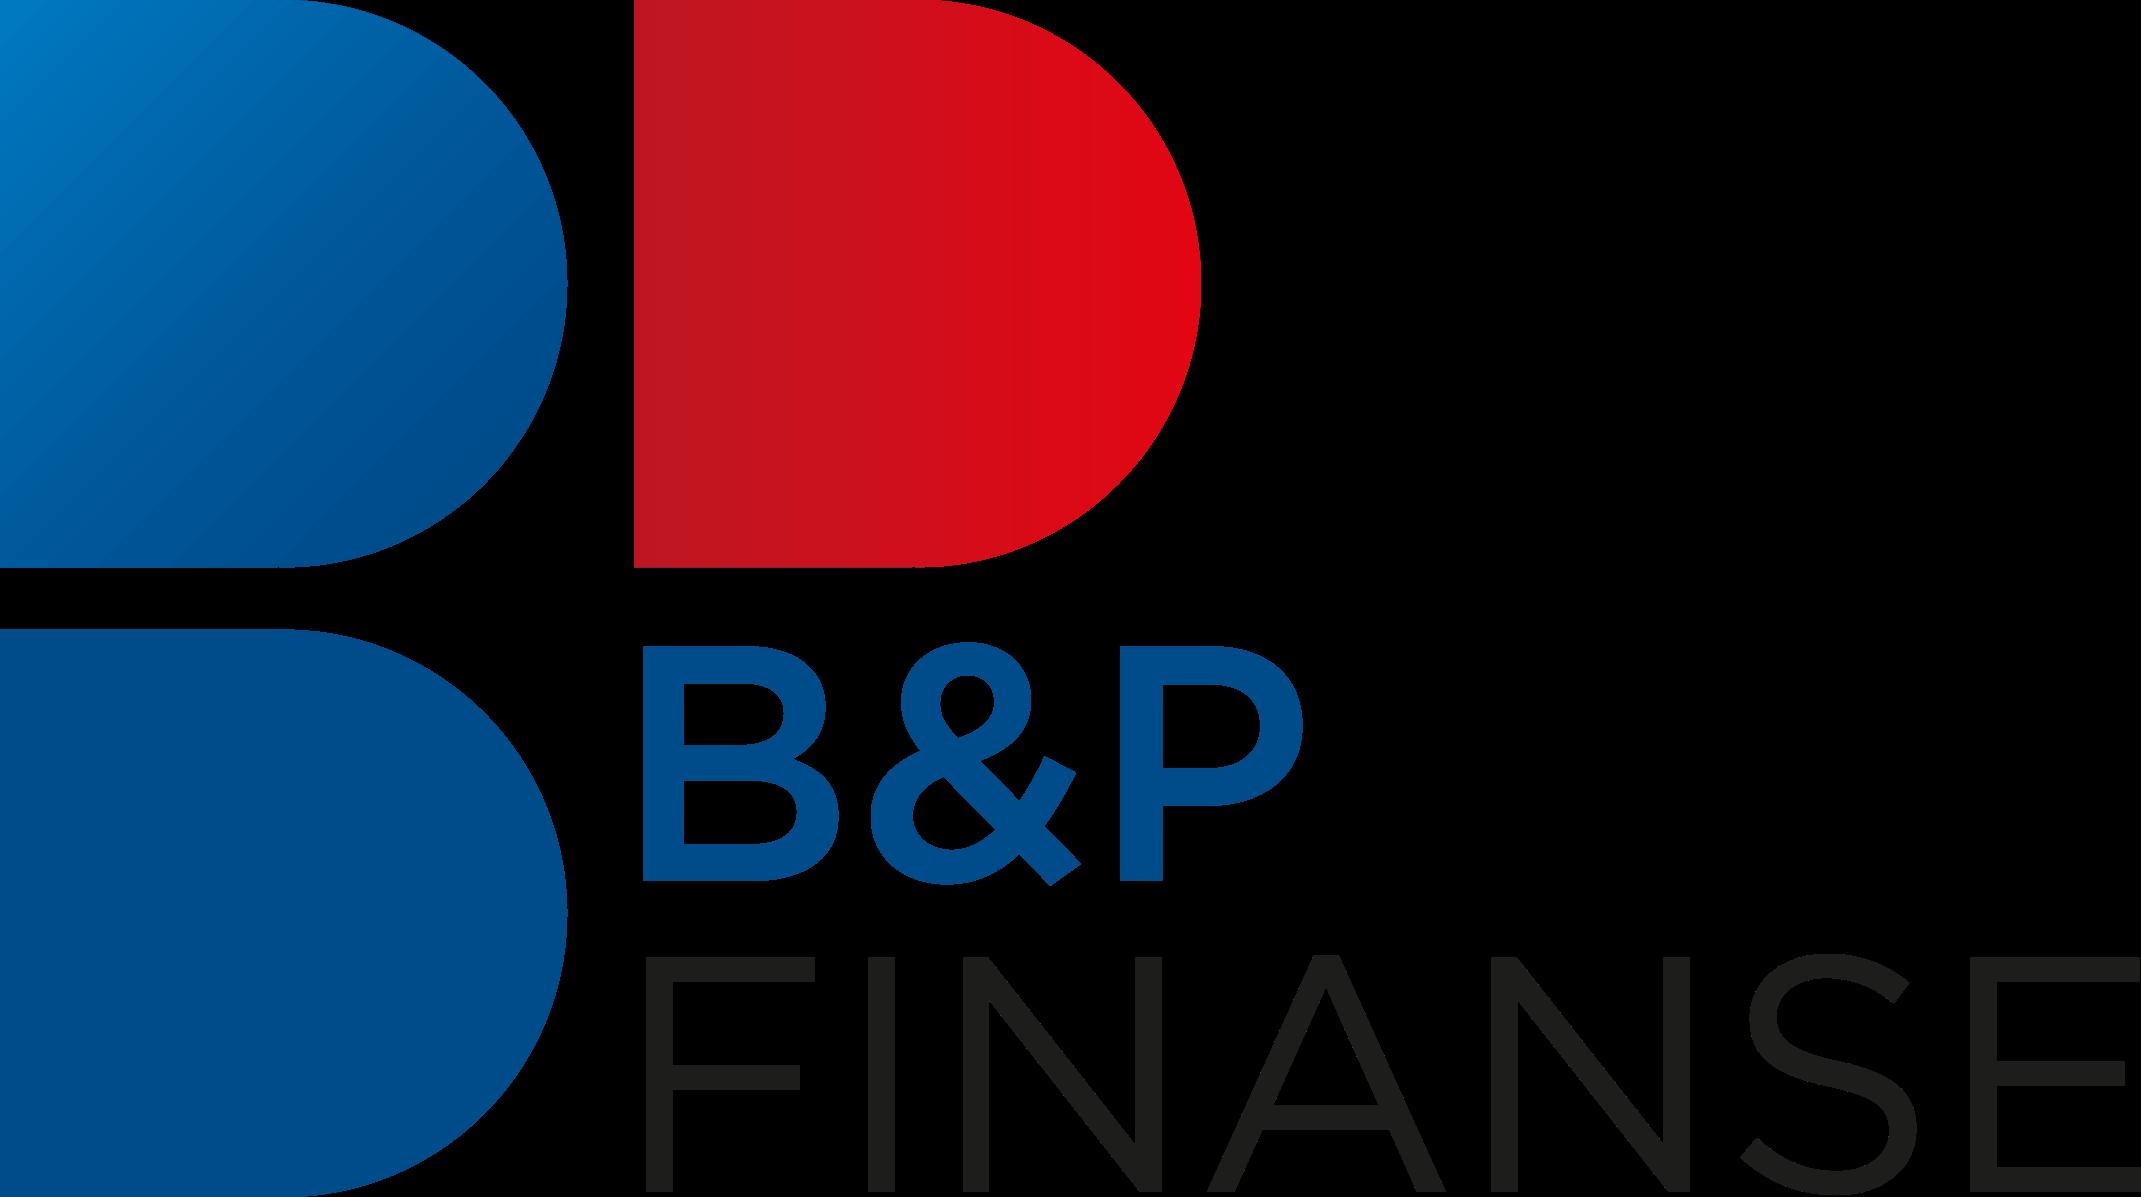 B&P Finanse